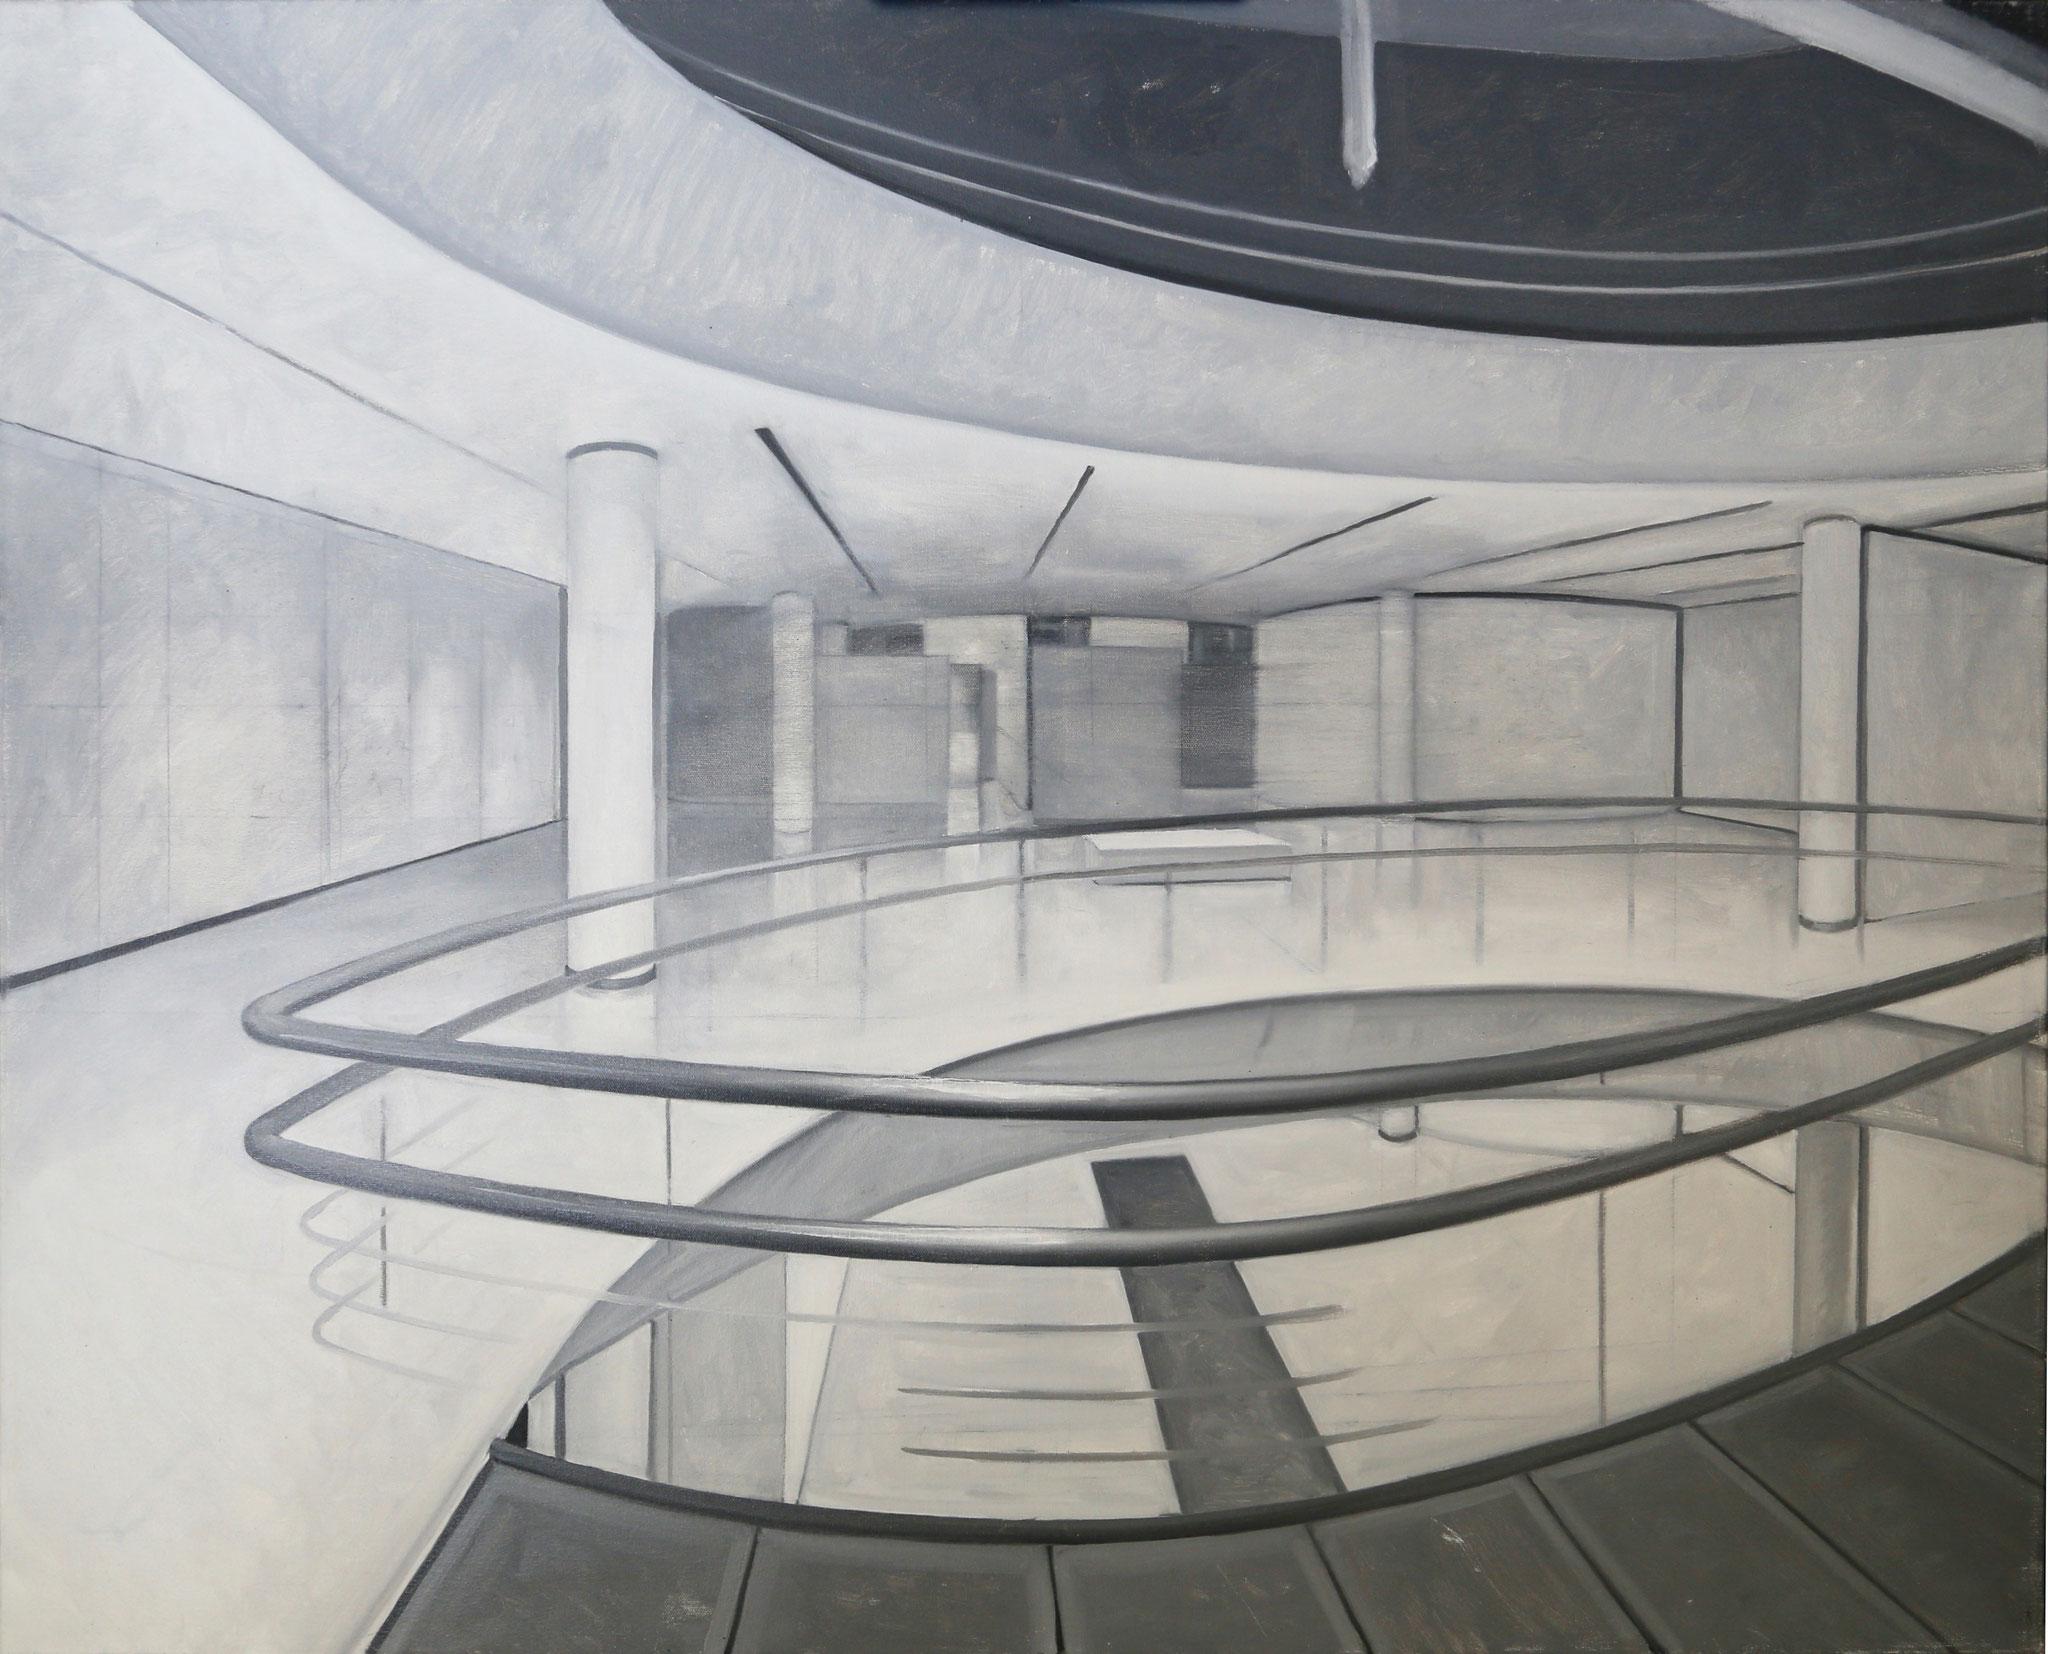 Interior postmoderno con perspectiva circular (grisalla). Óleo sobre lienzo, 81 x 100 cms.